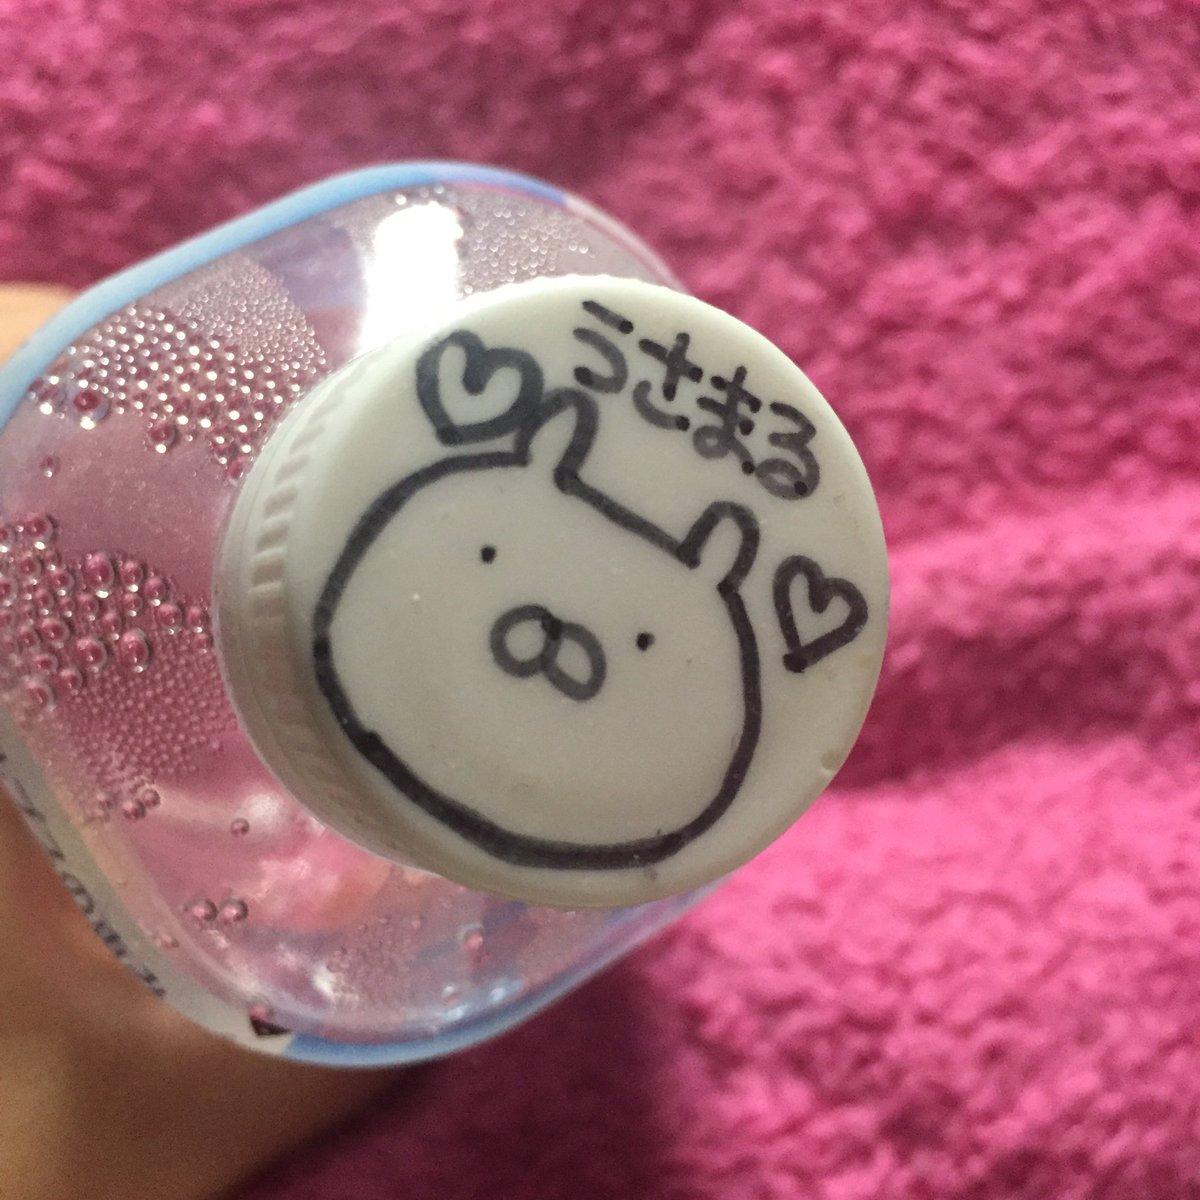 ペットボトルのキャップにうさまる描いてみたよ????????????✨ どうかしら❓ 下手くそって言うな????????????  #うさまる https://t.co/bXiejMCbwT